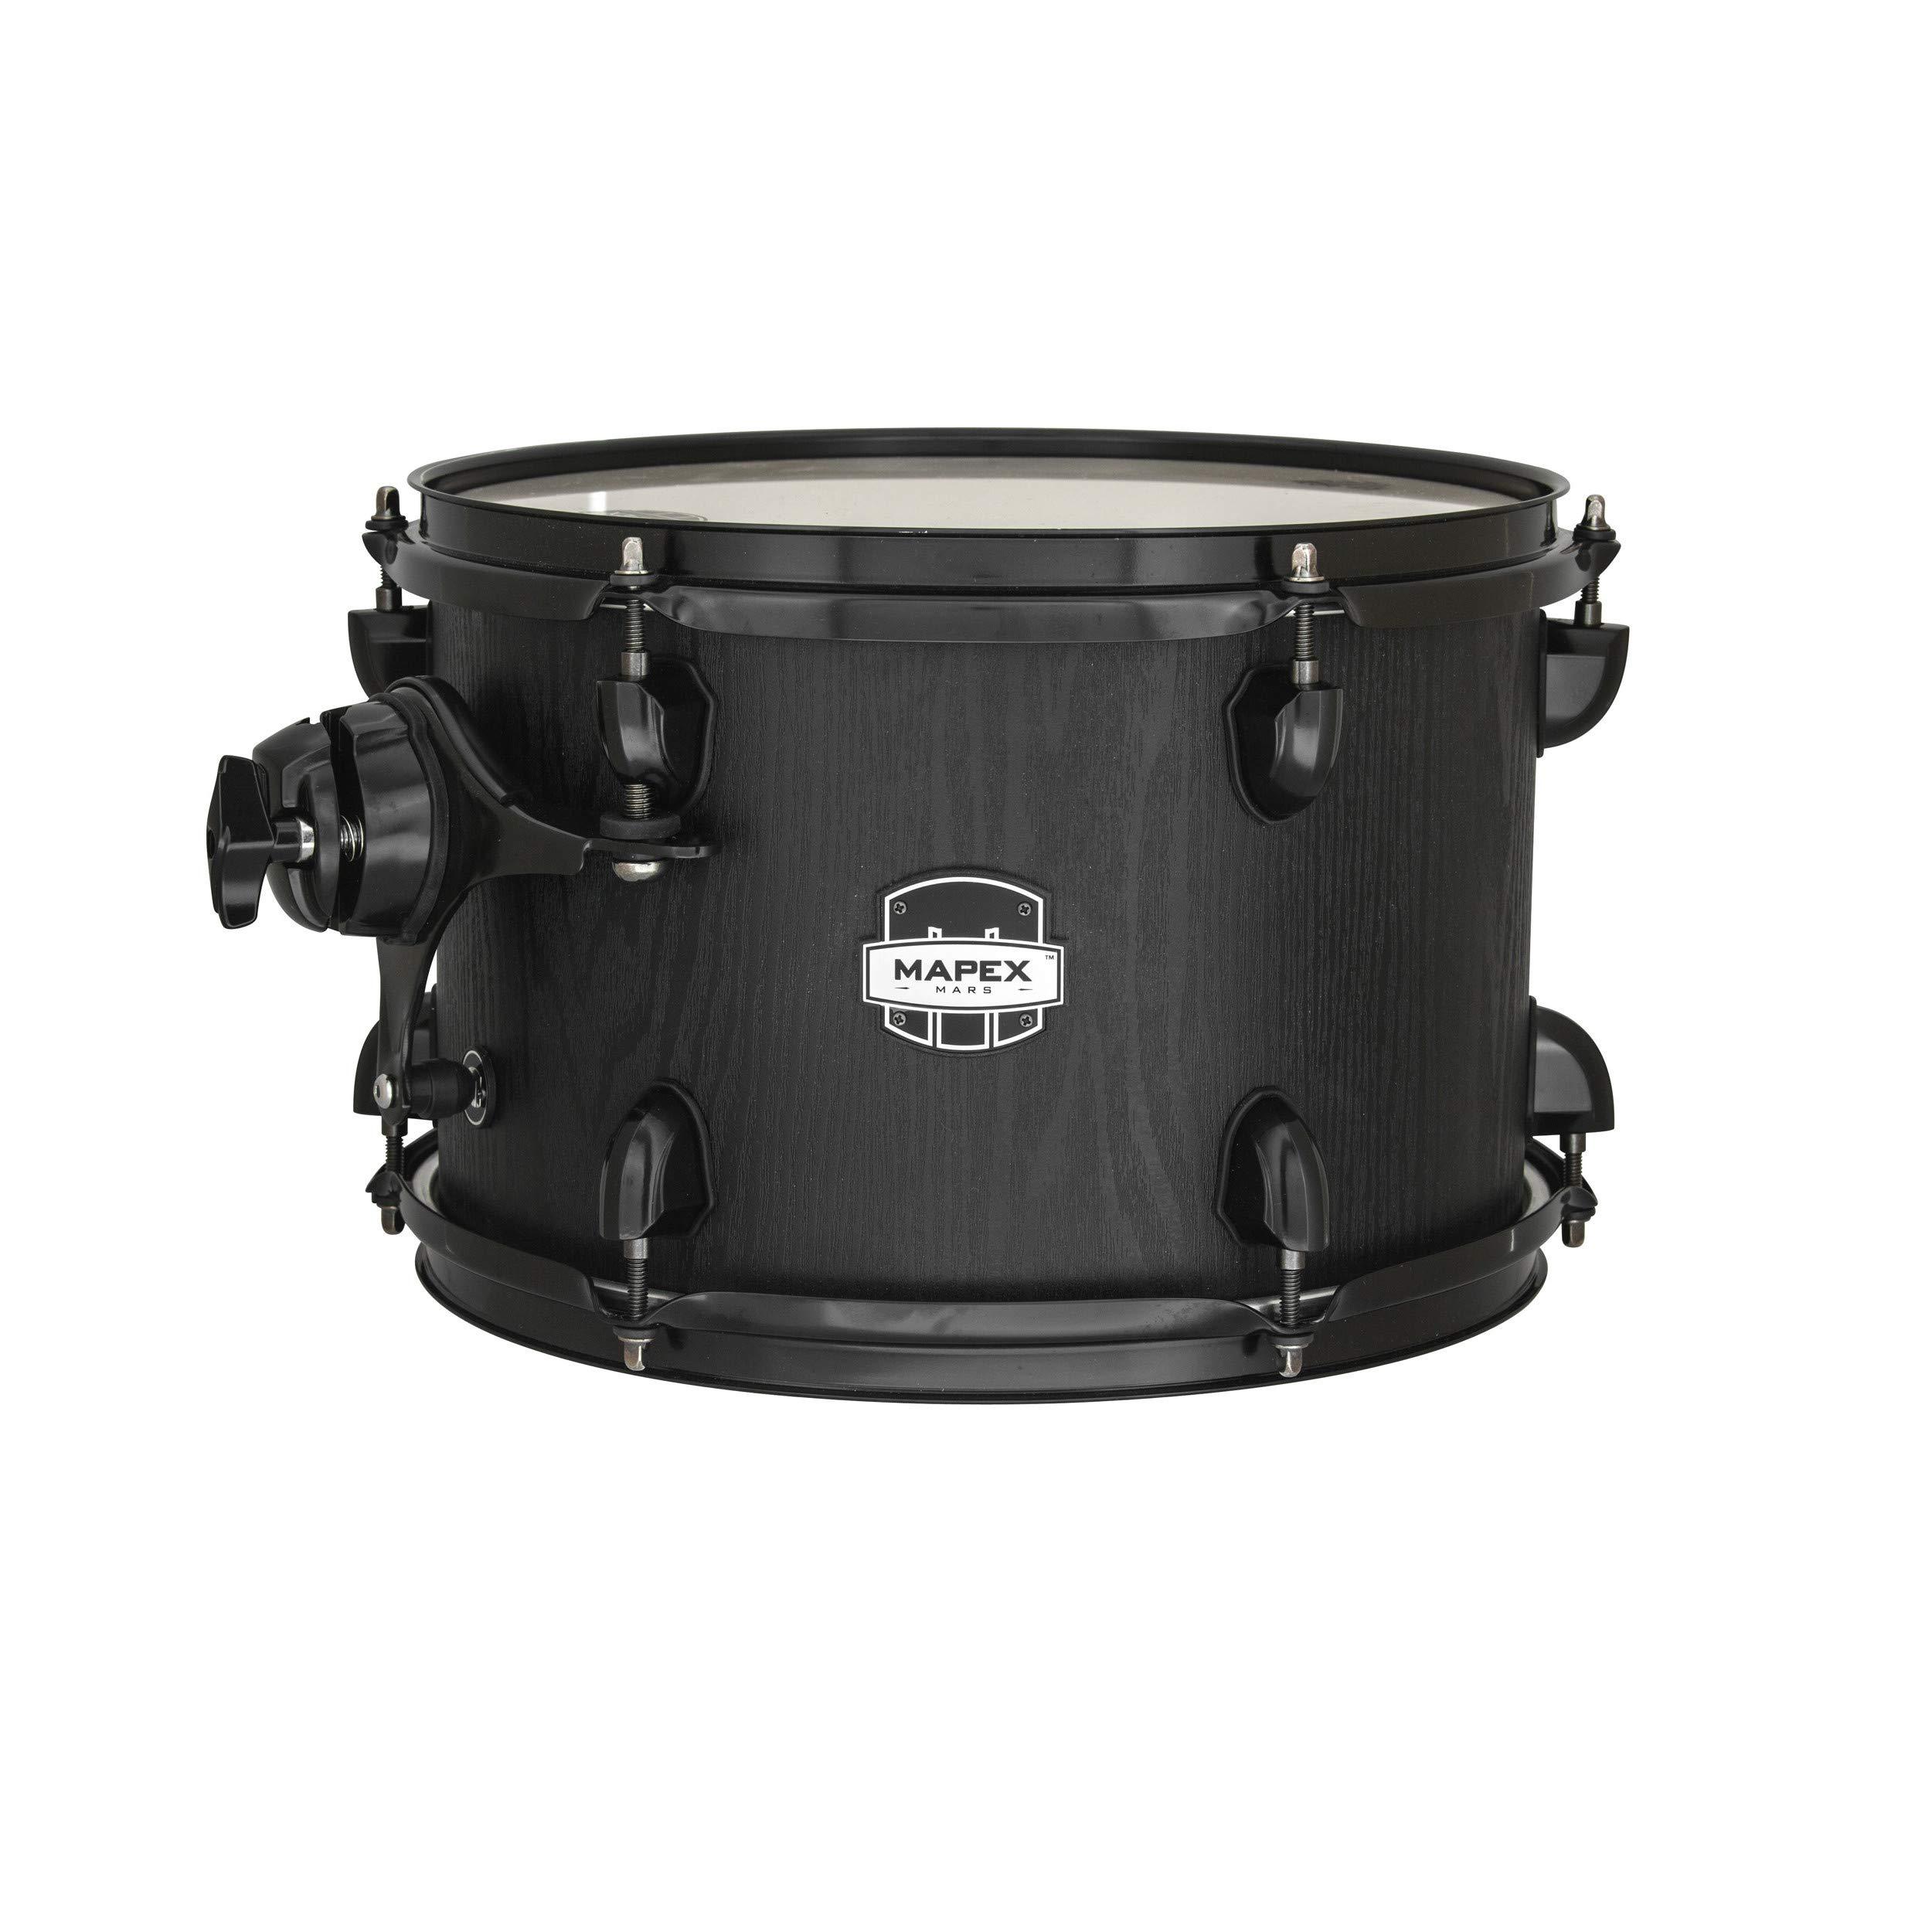 MAPEX Bass Drum MAB2218BZW